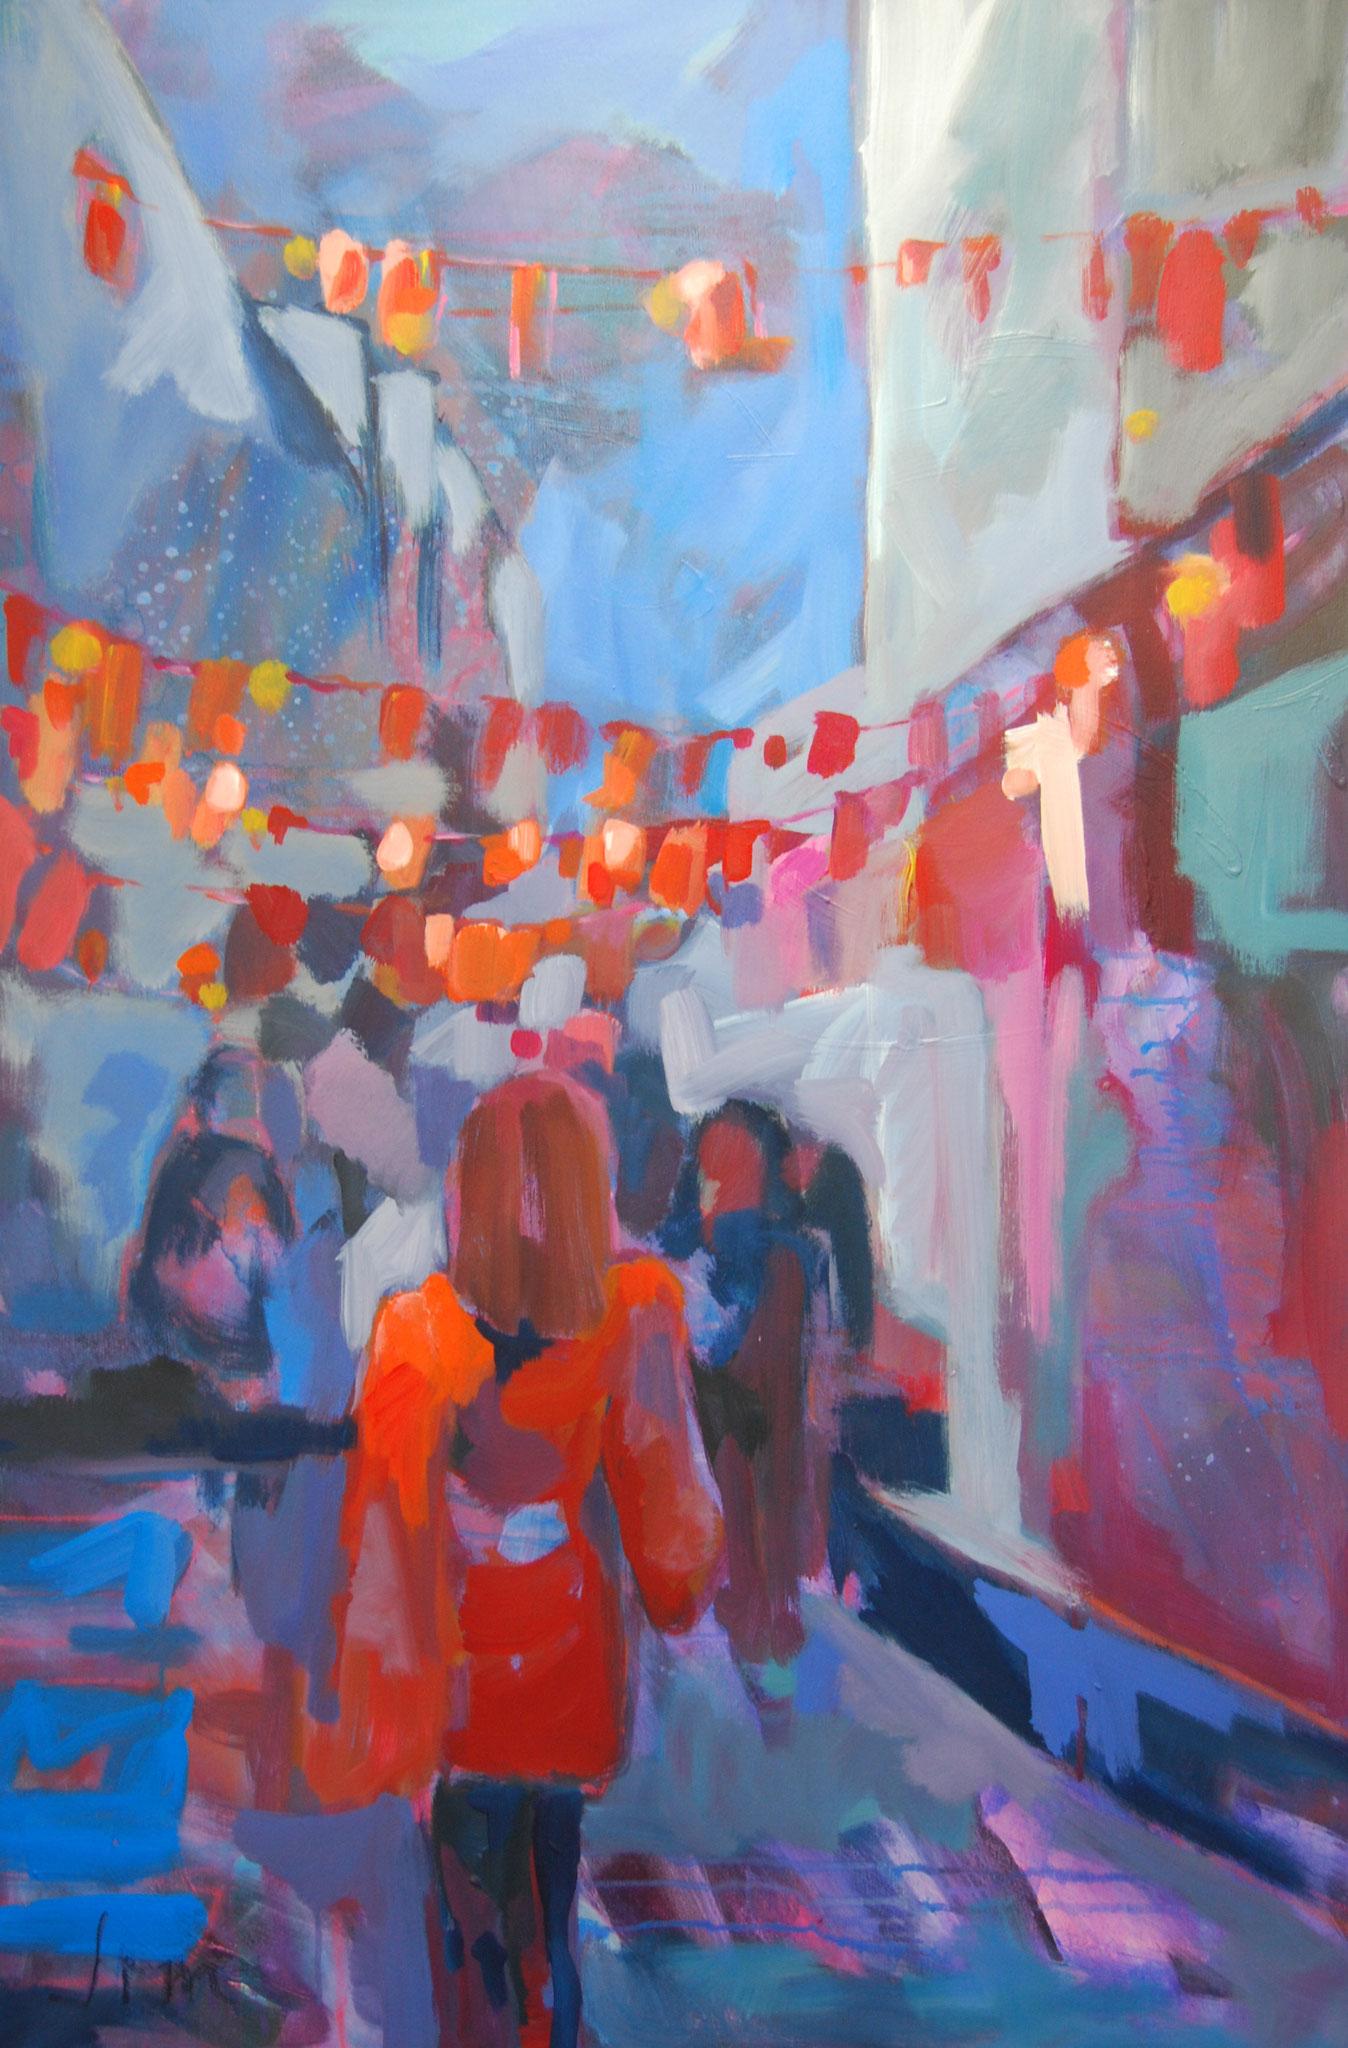 Nachteulen, 2017, Acryl auf Leinwand, 120 x 80 cm